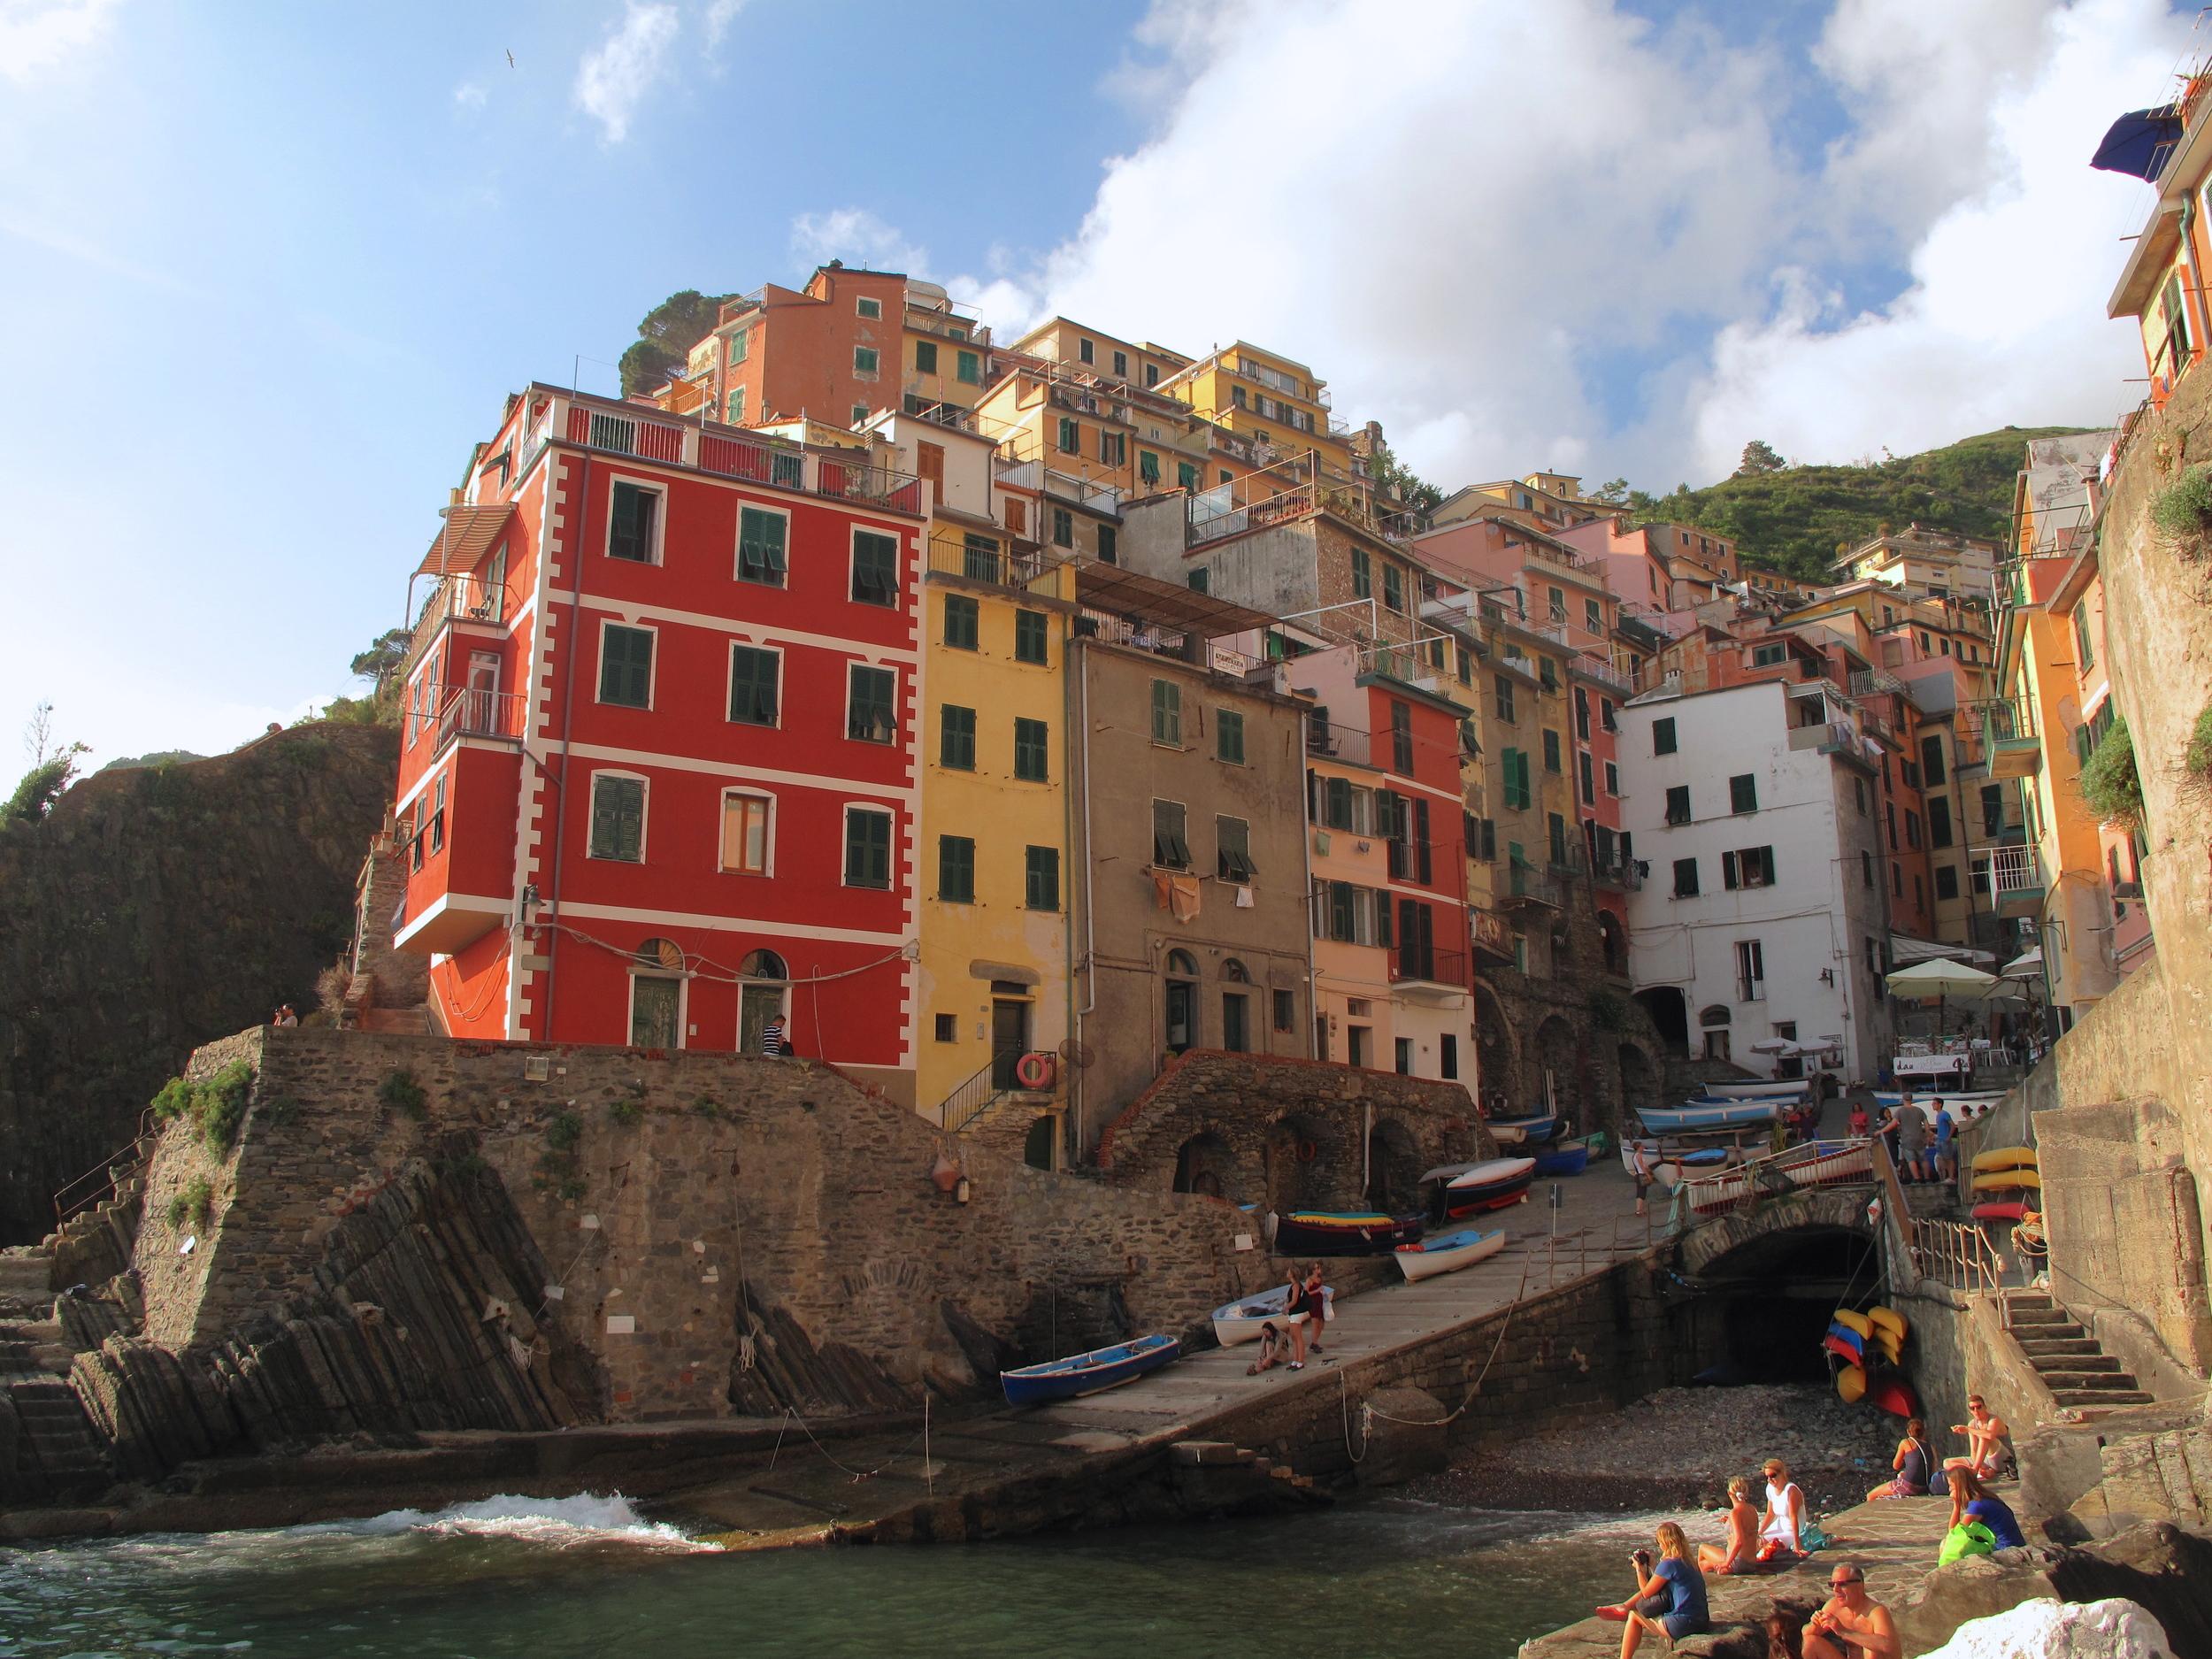 Riomaggiore village in the Cinque Terre